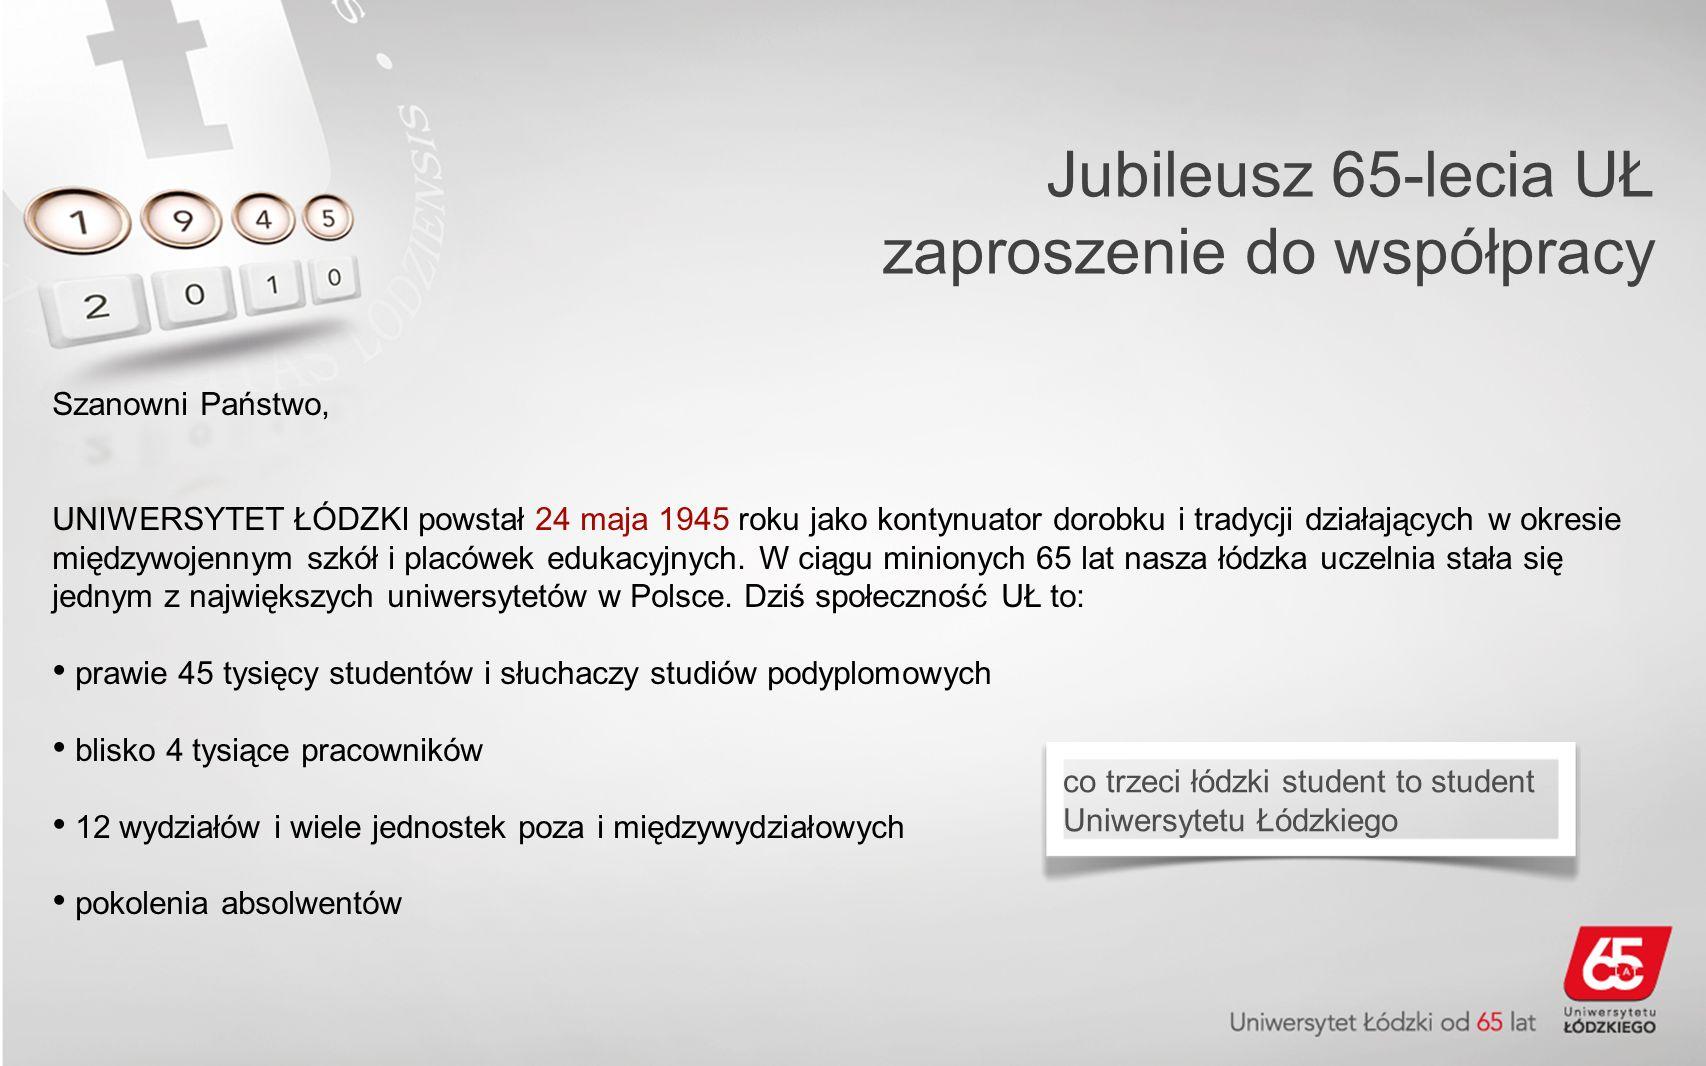 Jubileusz 65-lecia UŁ zaproszenie do współpracy Szanowni Państwo, UNIWERSYTET ŁÓDZKI powstał 24 maja 1945 roku jako kontynuator dorobku i tradycji działających w okresie międzywojennym szkół i placówek edukacyjnych.